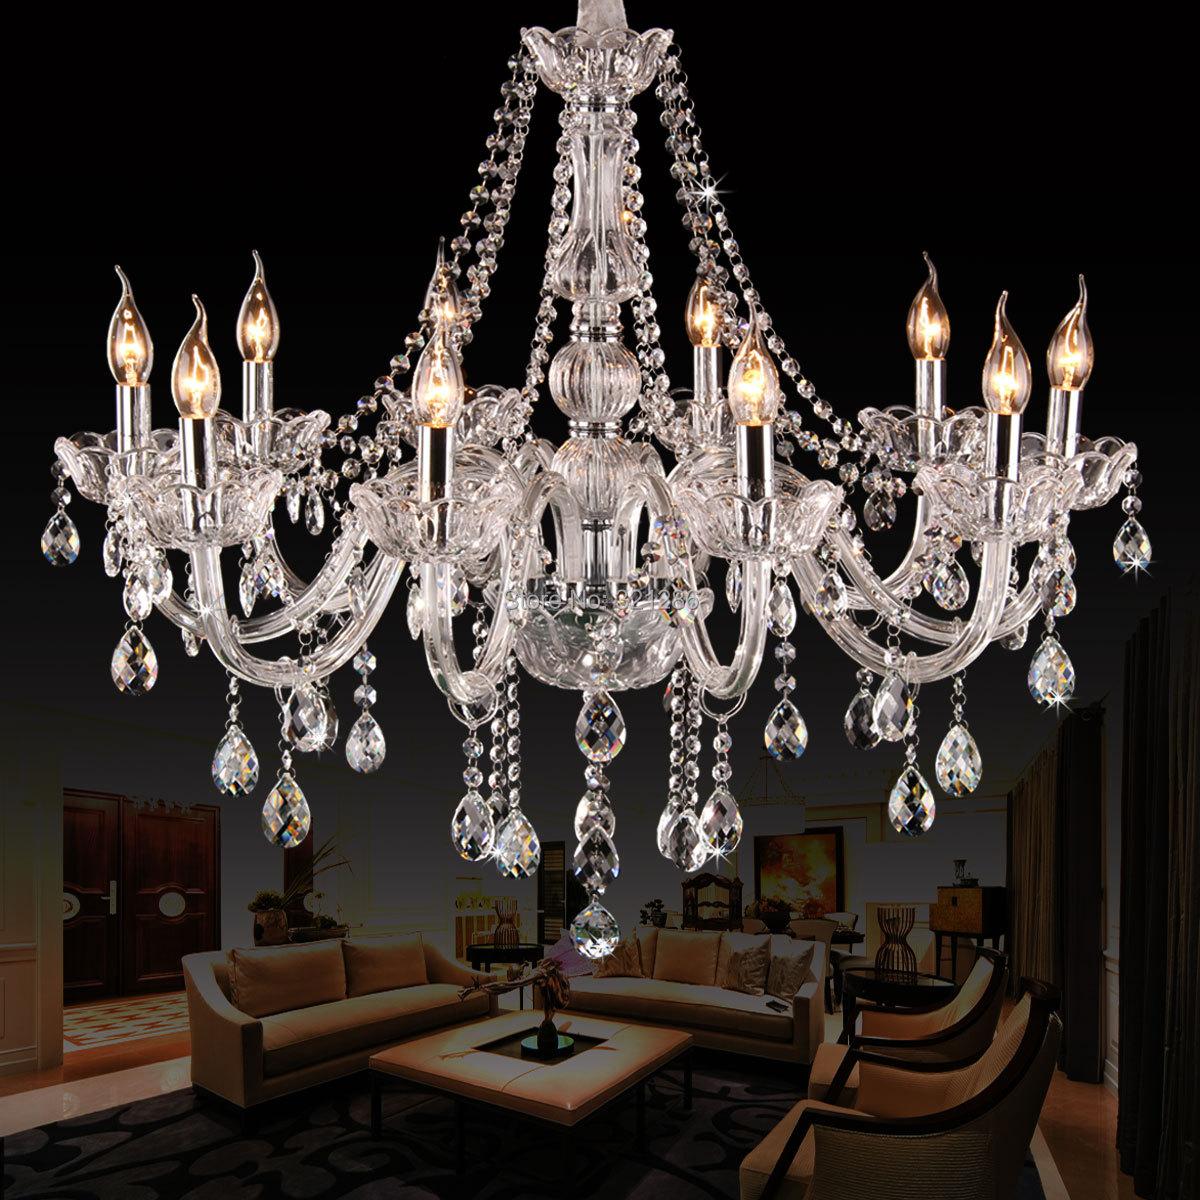 10 glav K9 kristalni lestenec luč dnevna soba luči spalnica svetilka restavracija svetilka kratek sodoben lestenec razsvetljava